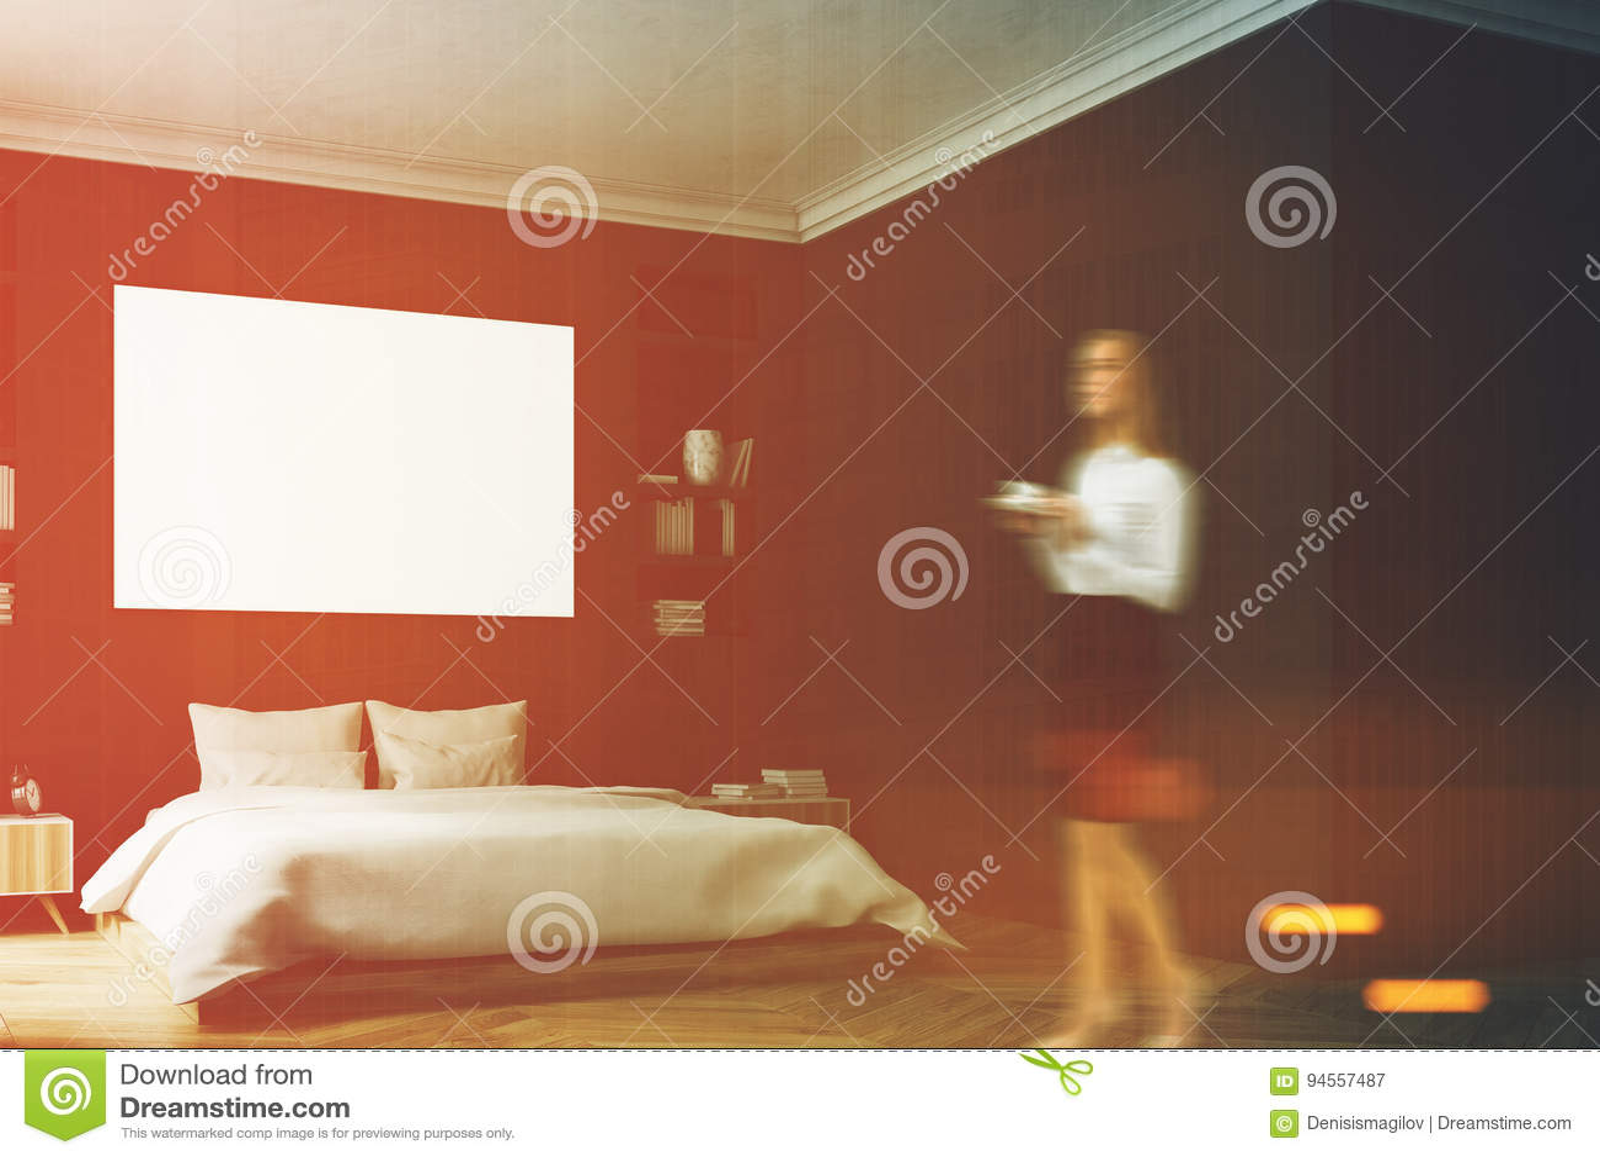 Zwarte Slaapkamer Muur : Zwart slaapkamerbinnenland vrouw muur stock afbeelding